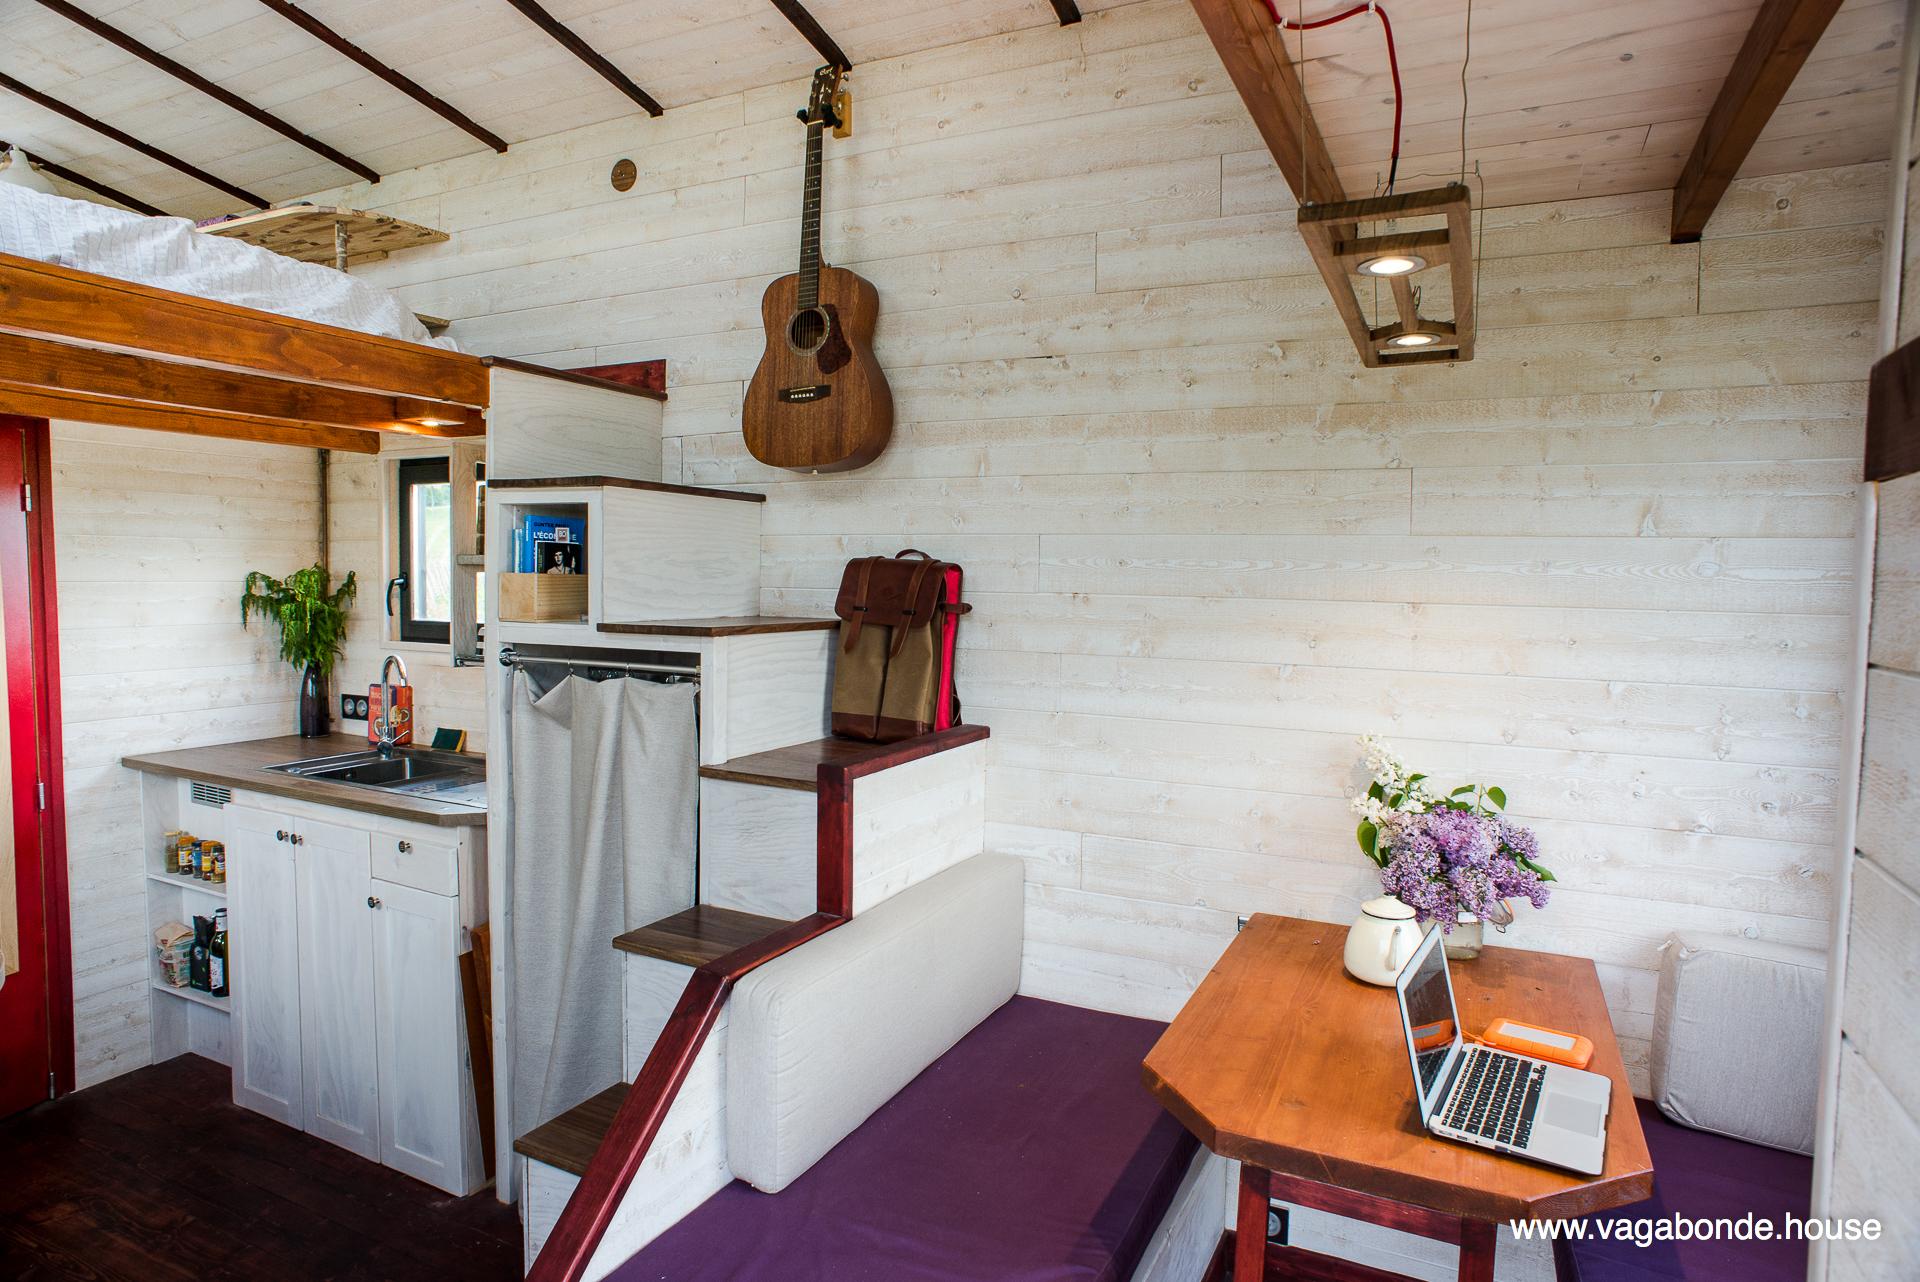 Hébergement Insolite avec la Tiny House